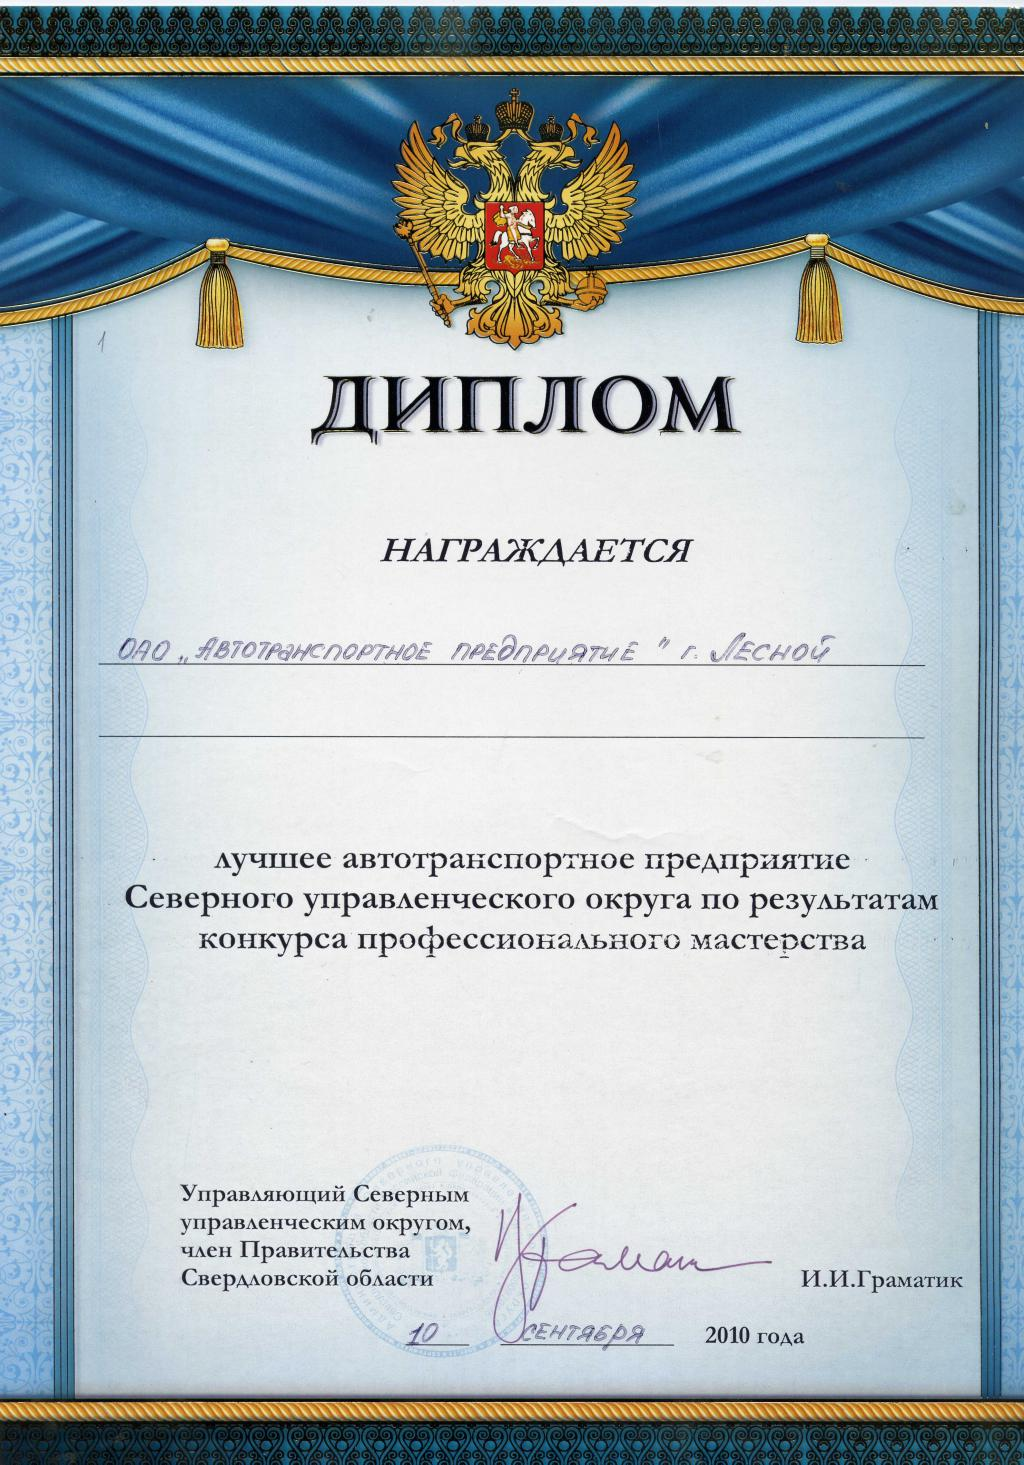 Награды и дипломы Диплом Лучшее автотранспортное предприятие